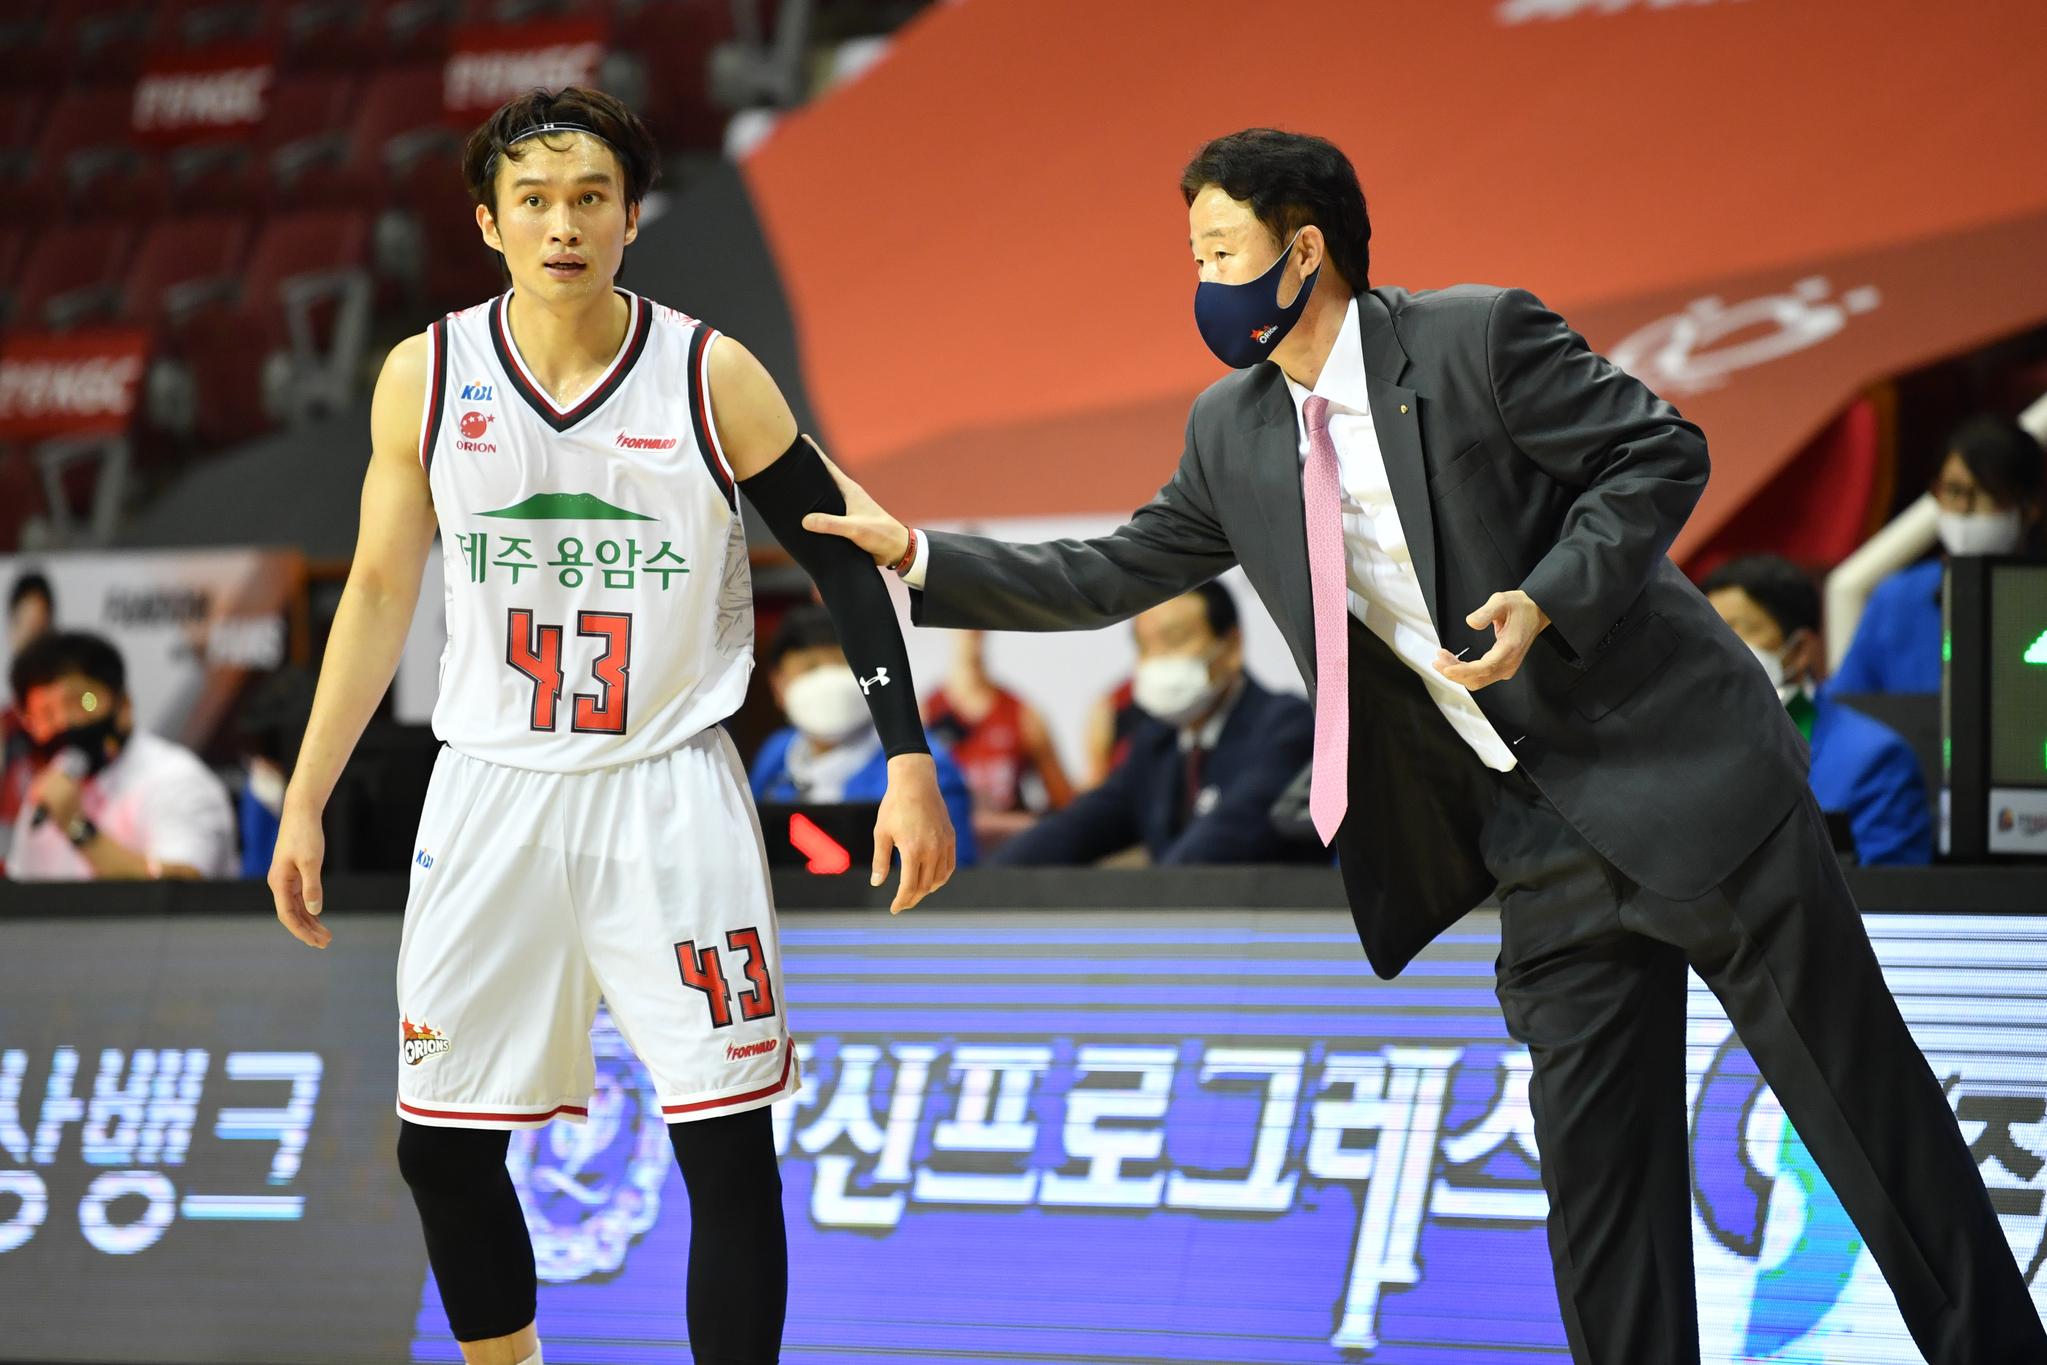 프로농구 오리온 강을준(오른쪽) 감독이 이대성에게 지시하고 있다. [사진 KBL]